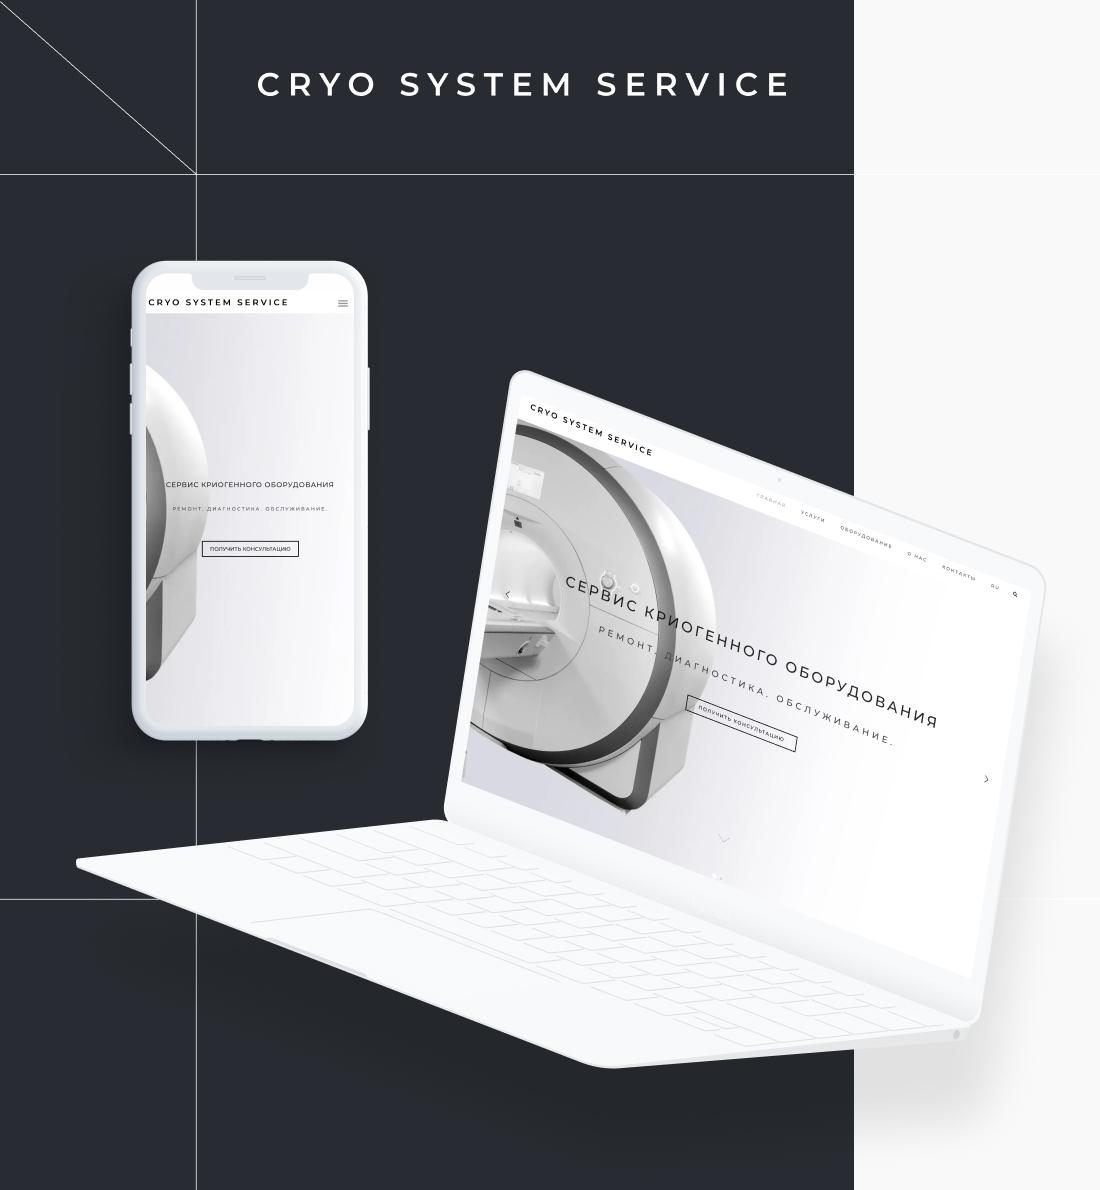 Разработка сайта компании CRYO SYSTEM SERVICE